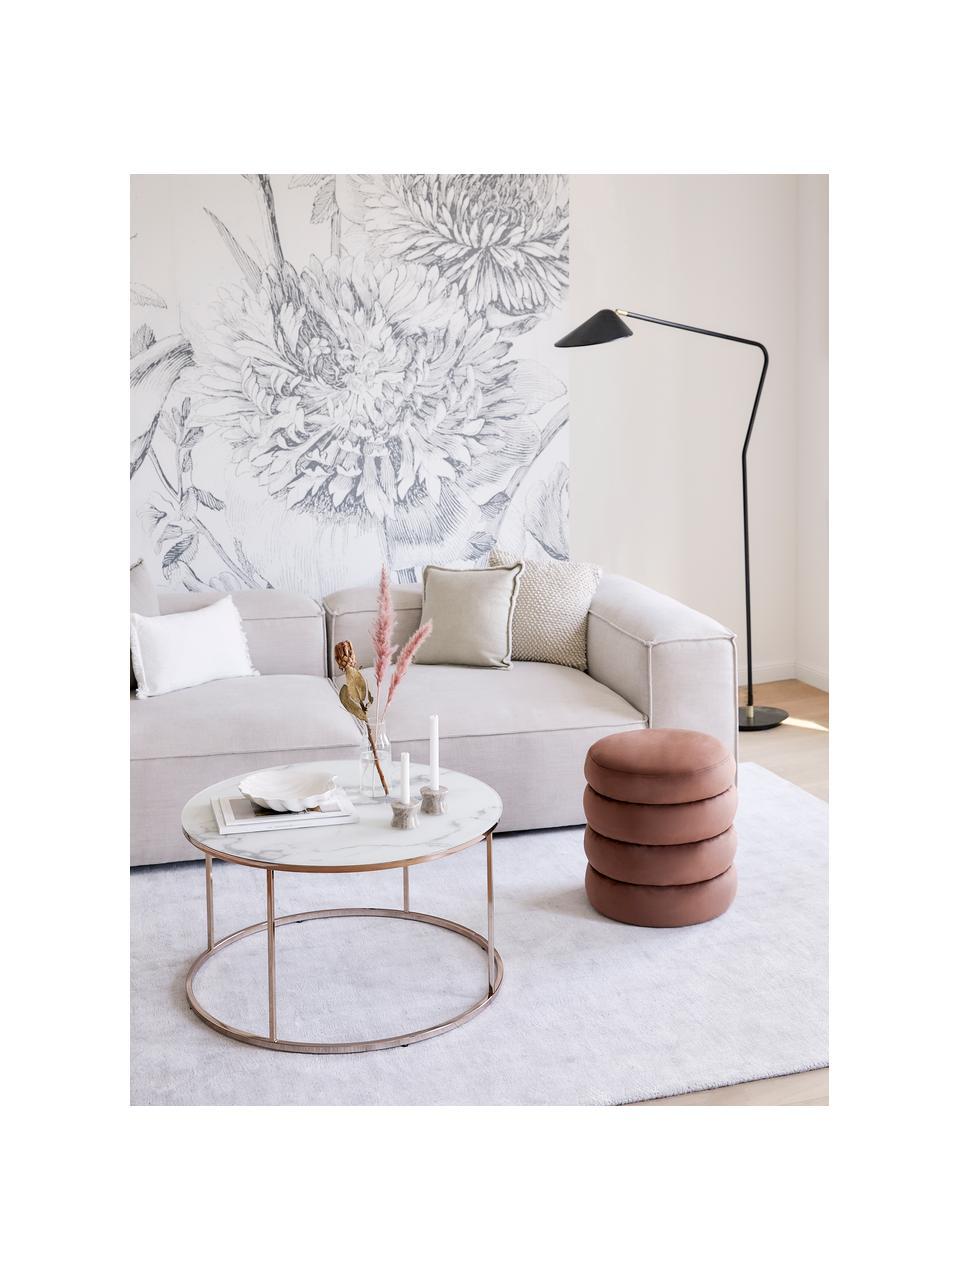 Table basse en verre marbré Antigua, Blanc-gris marbré, couleur dorée rose